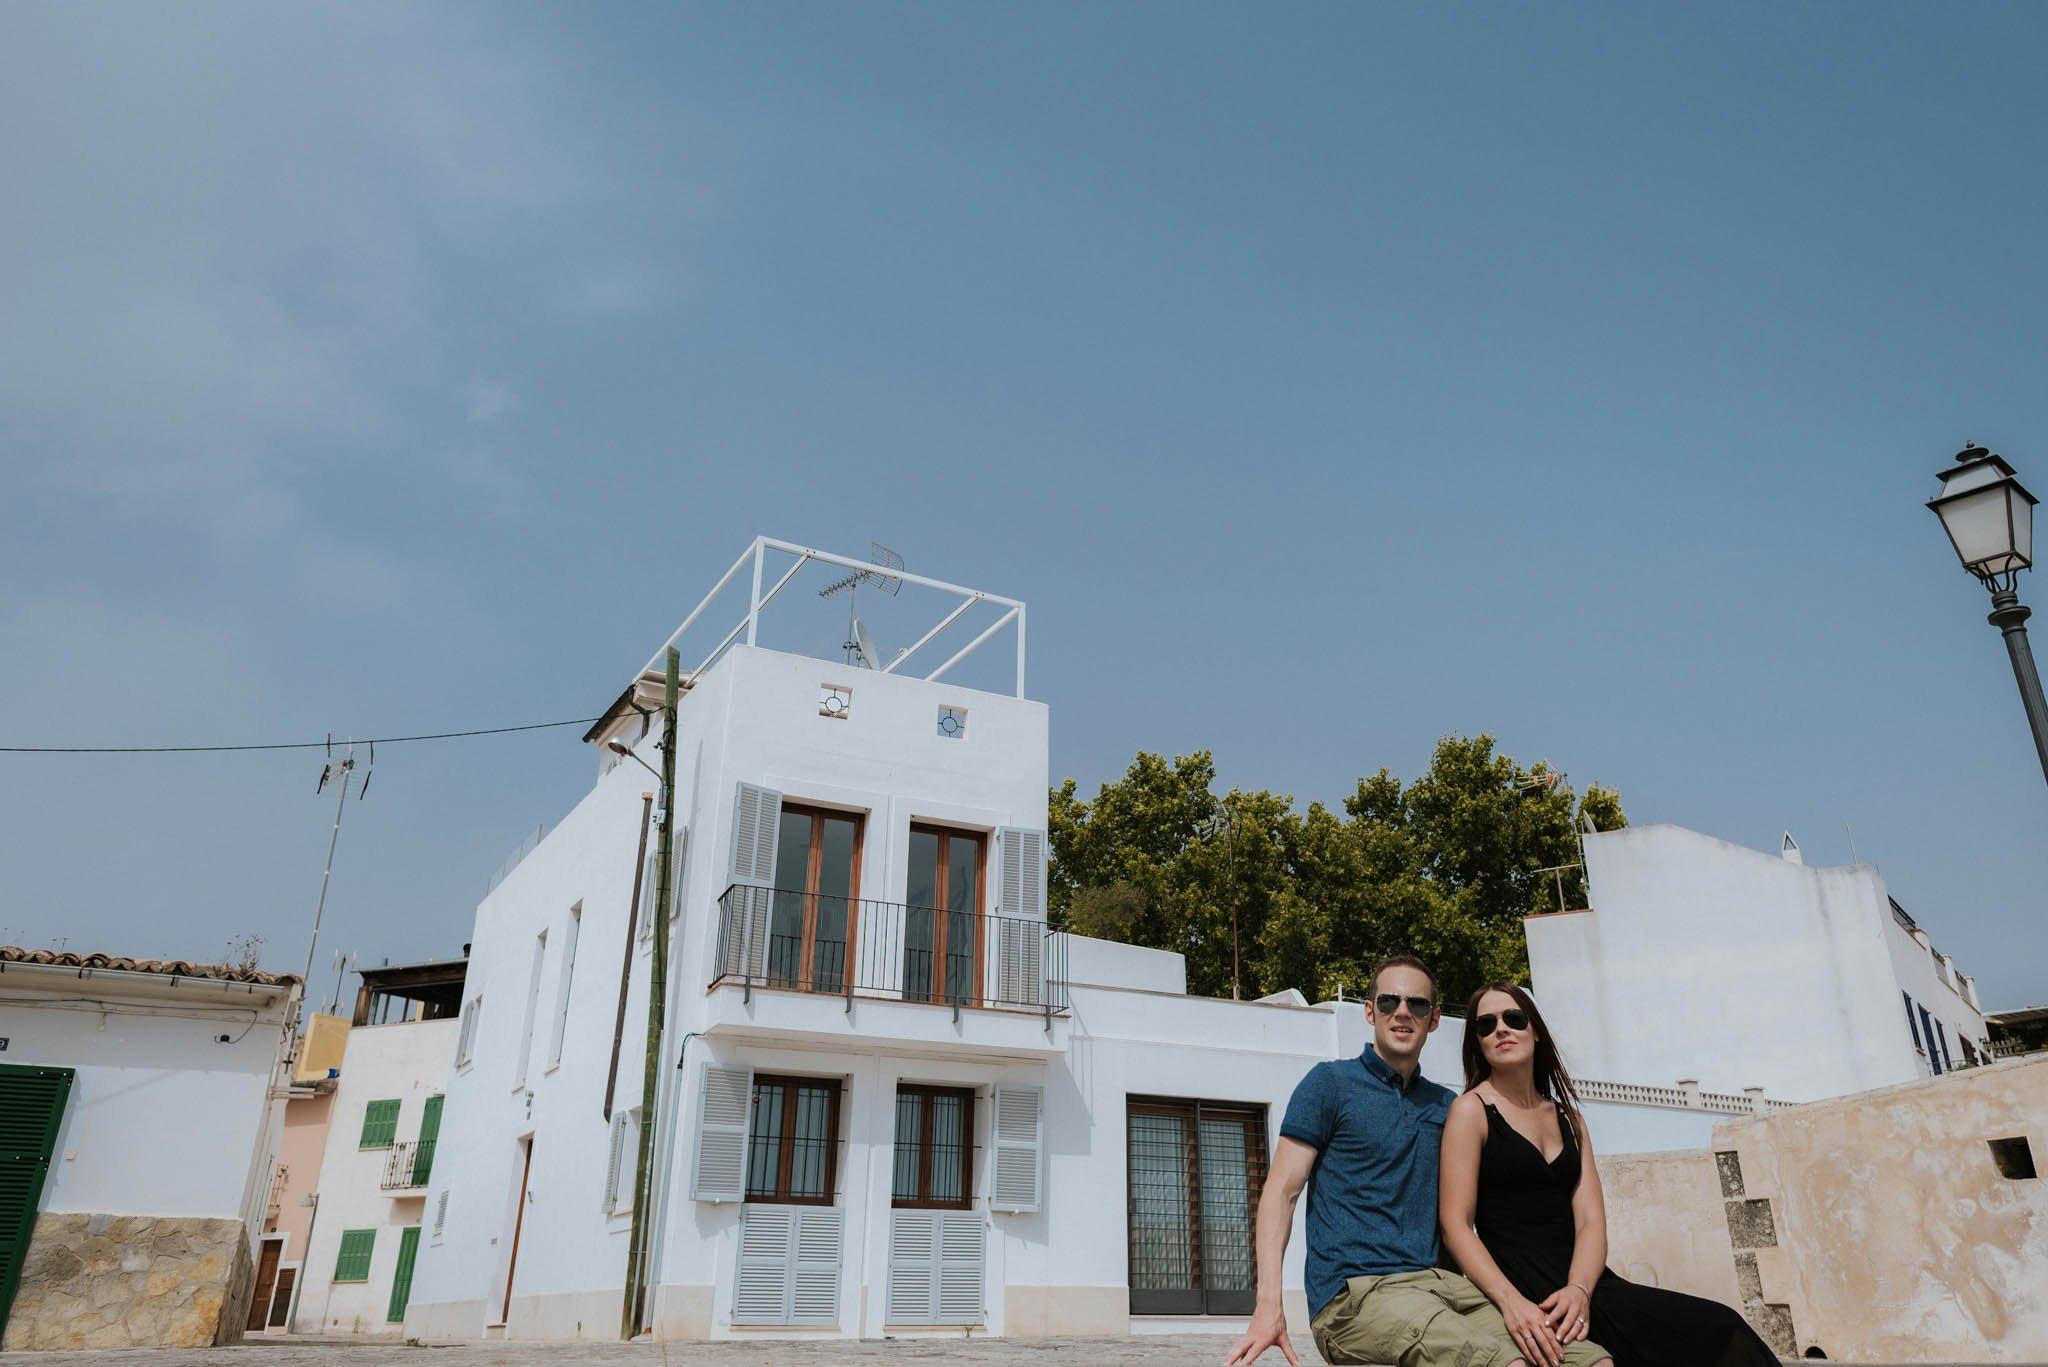 destination-wedding-photography-spain-palma-de-mallorca (15)